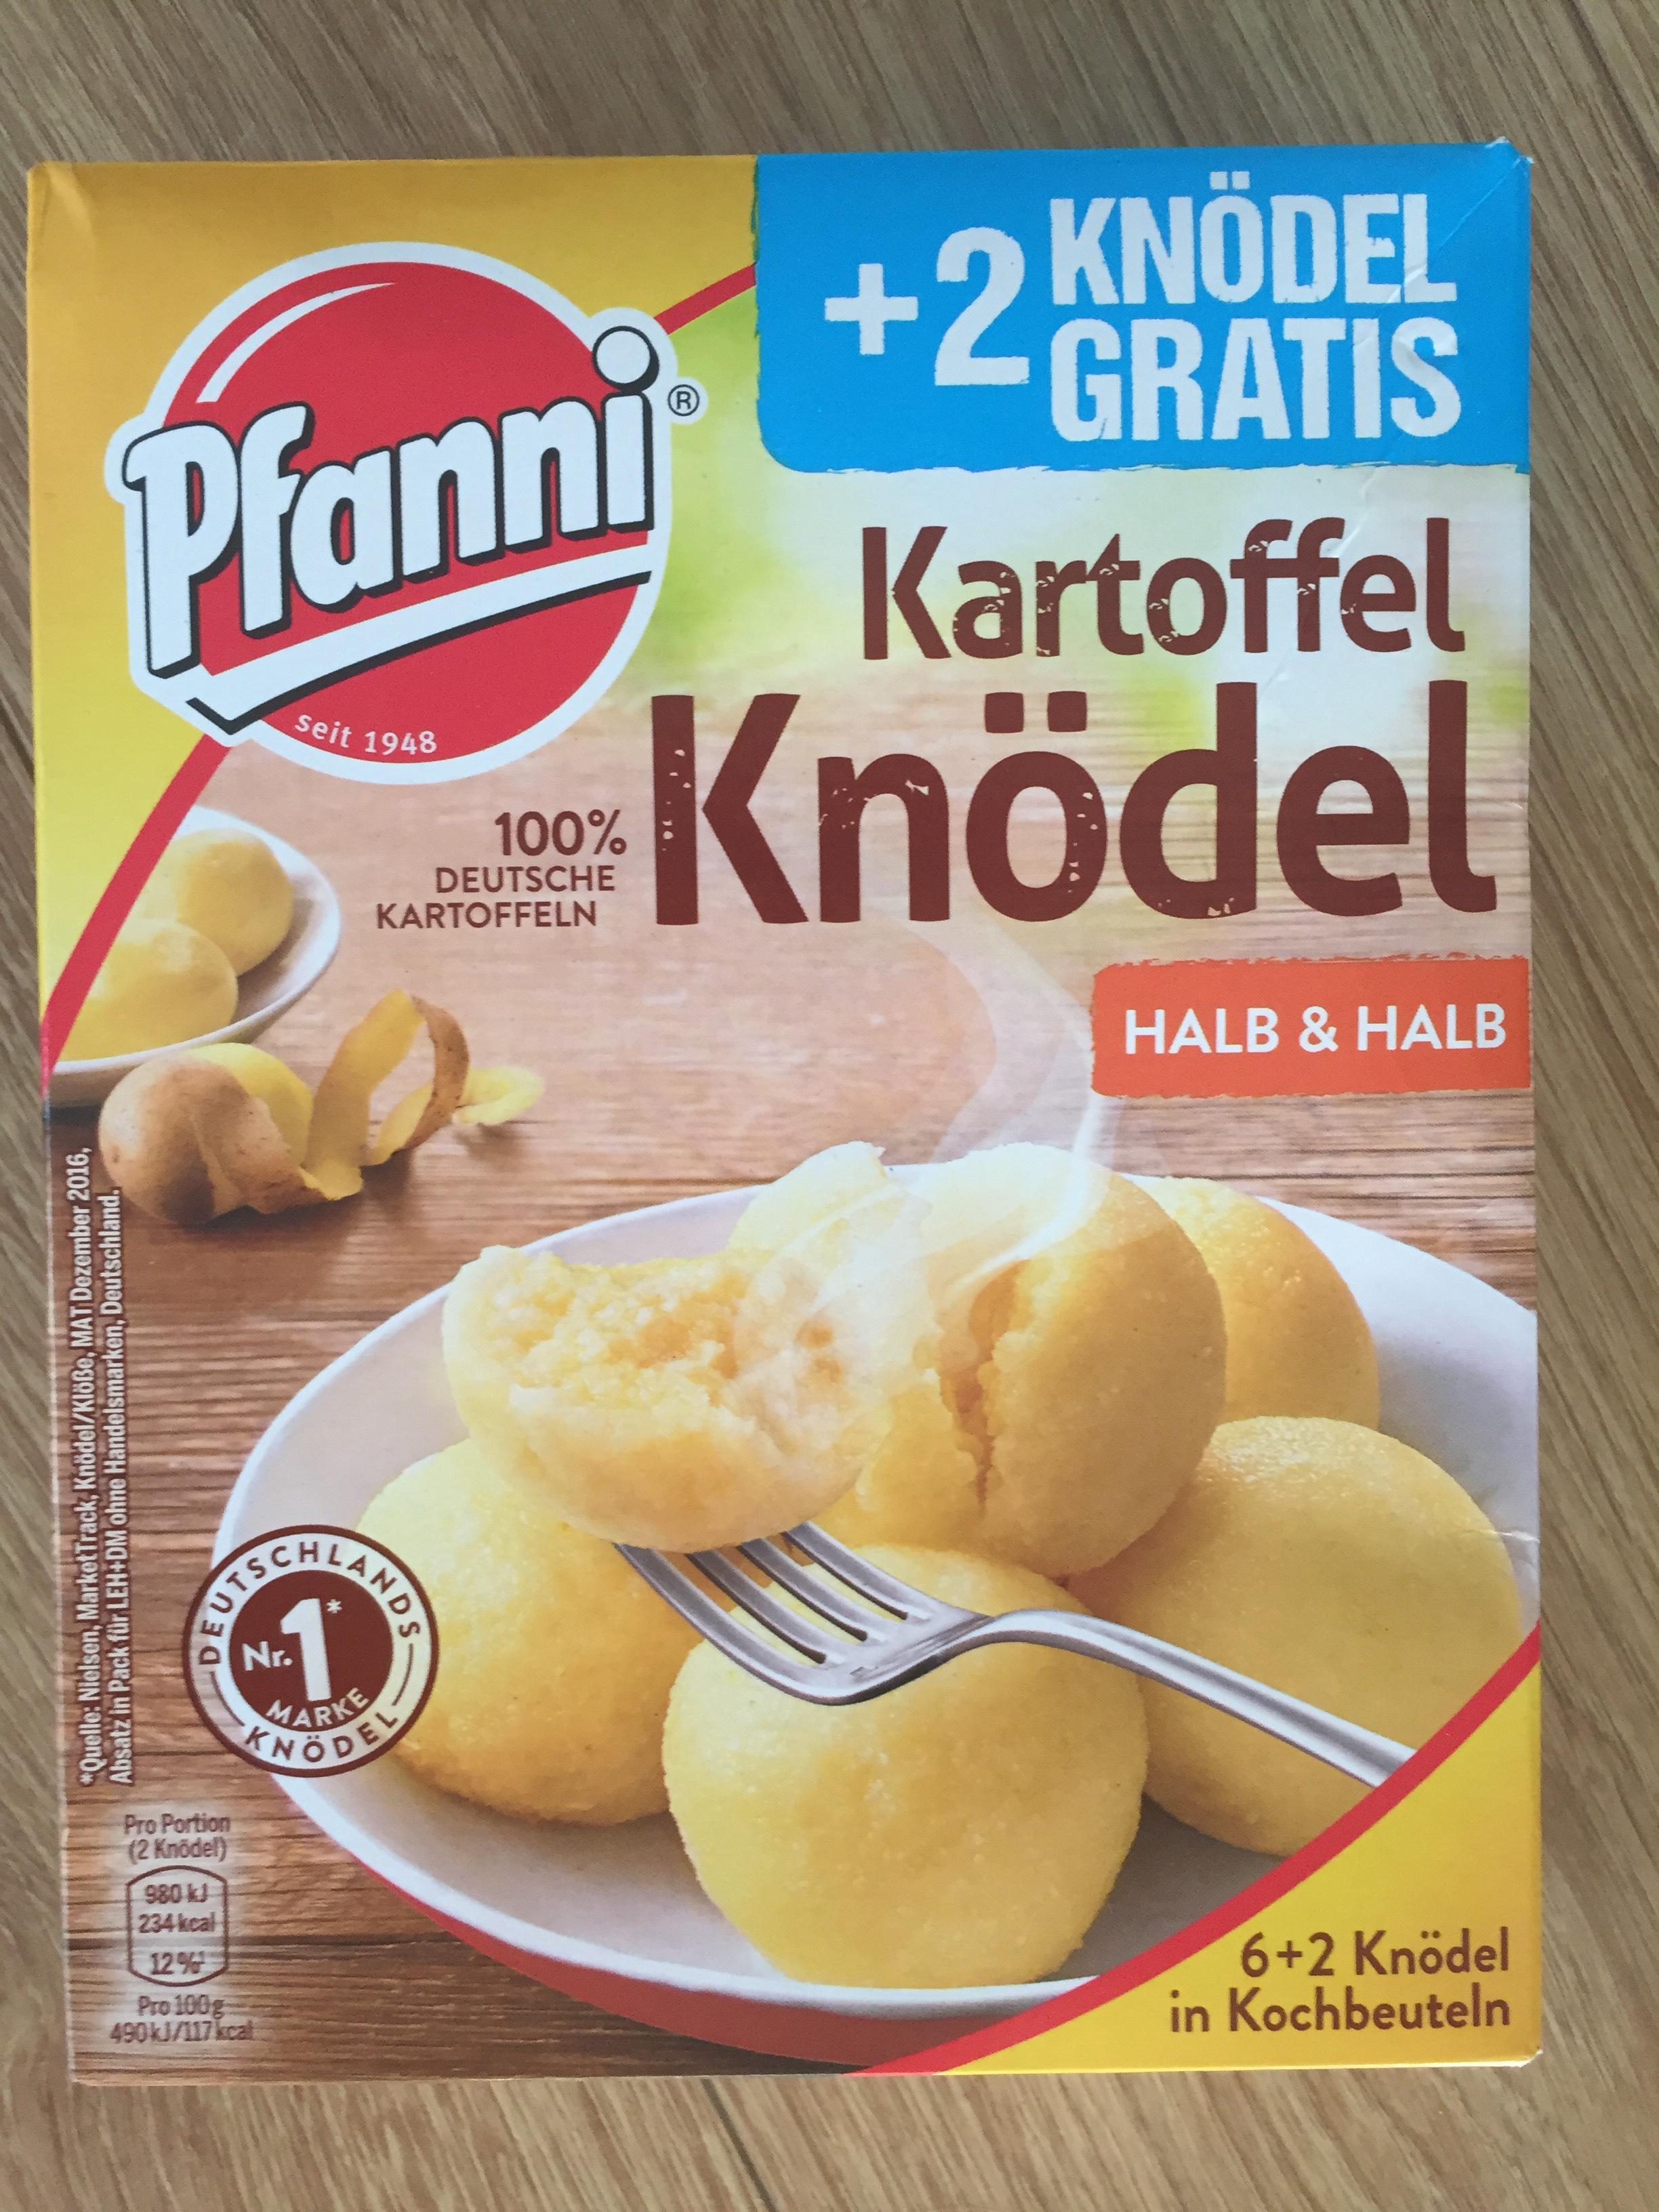 Pfanni Kartoffel- Knödel - Lidl(Lokal Würzburg)